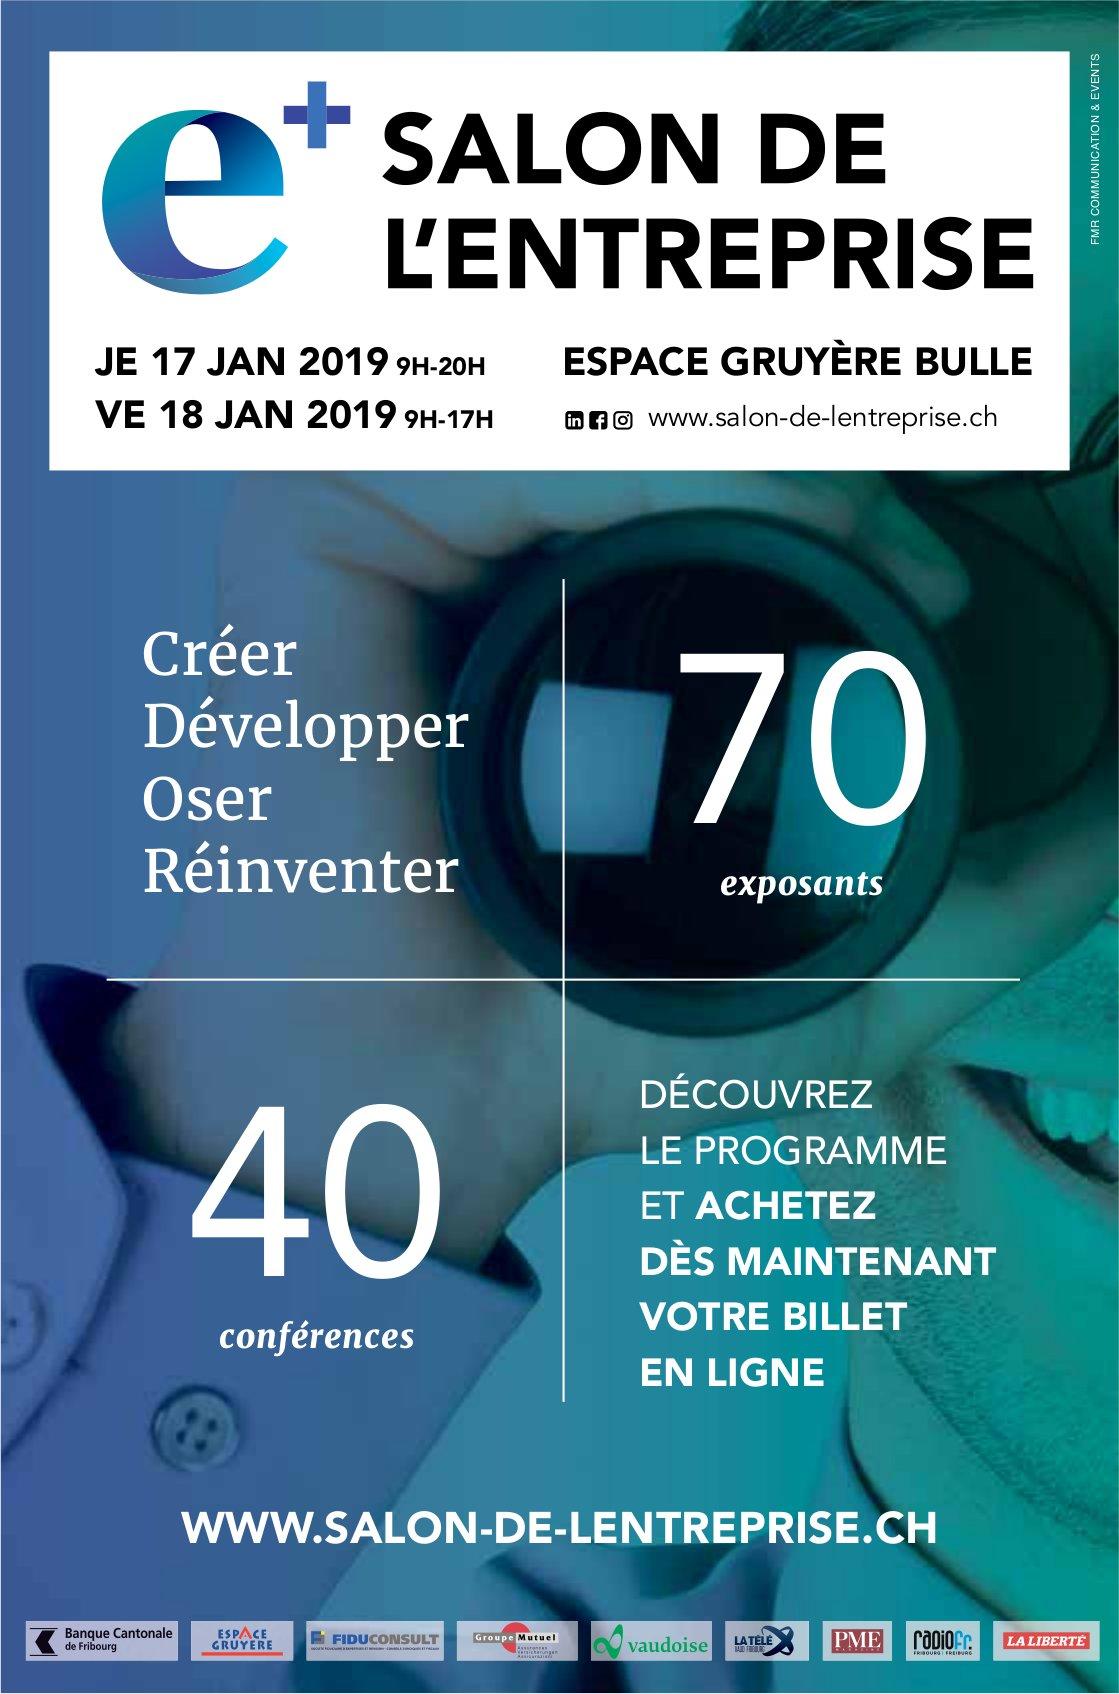 SALON DE L'ENTREPRISE, 17 et 18 JANVIER, ESPACE GRUYÈRE, BULLE